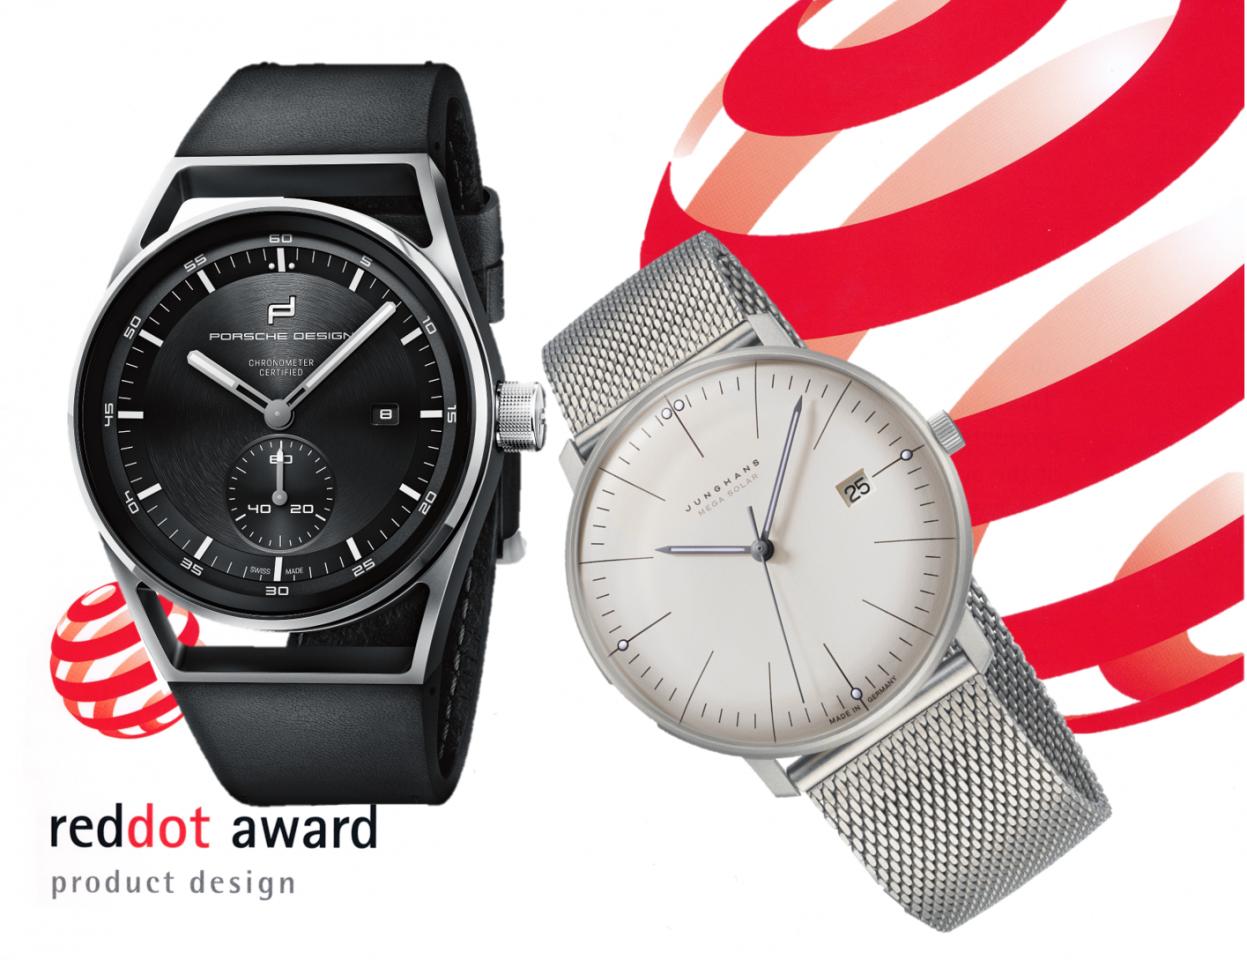 Red Dot Award Uhren: Dies Modelle erhielten einen Preis für gutes Produktdesign